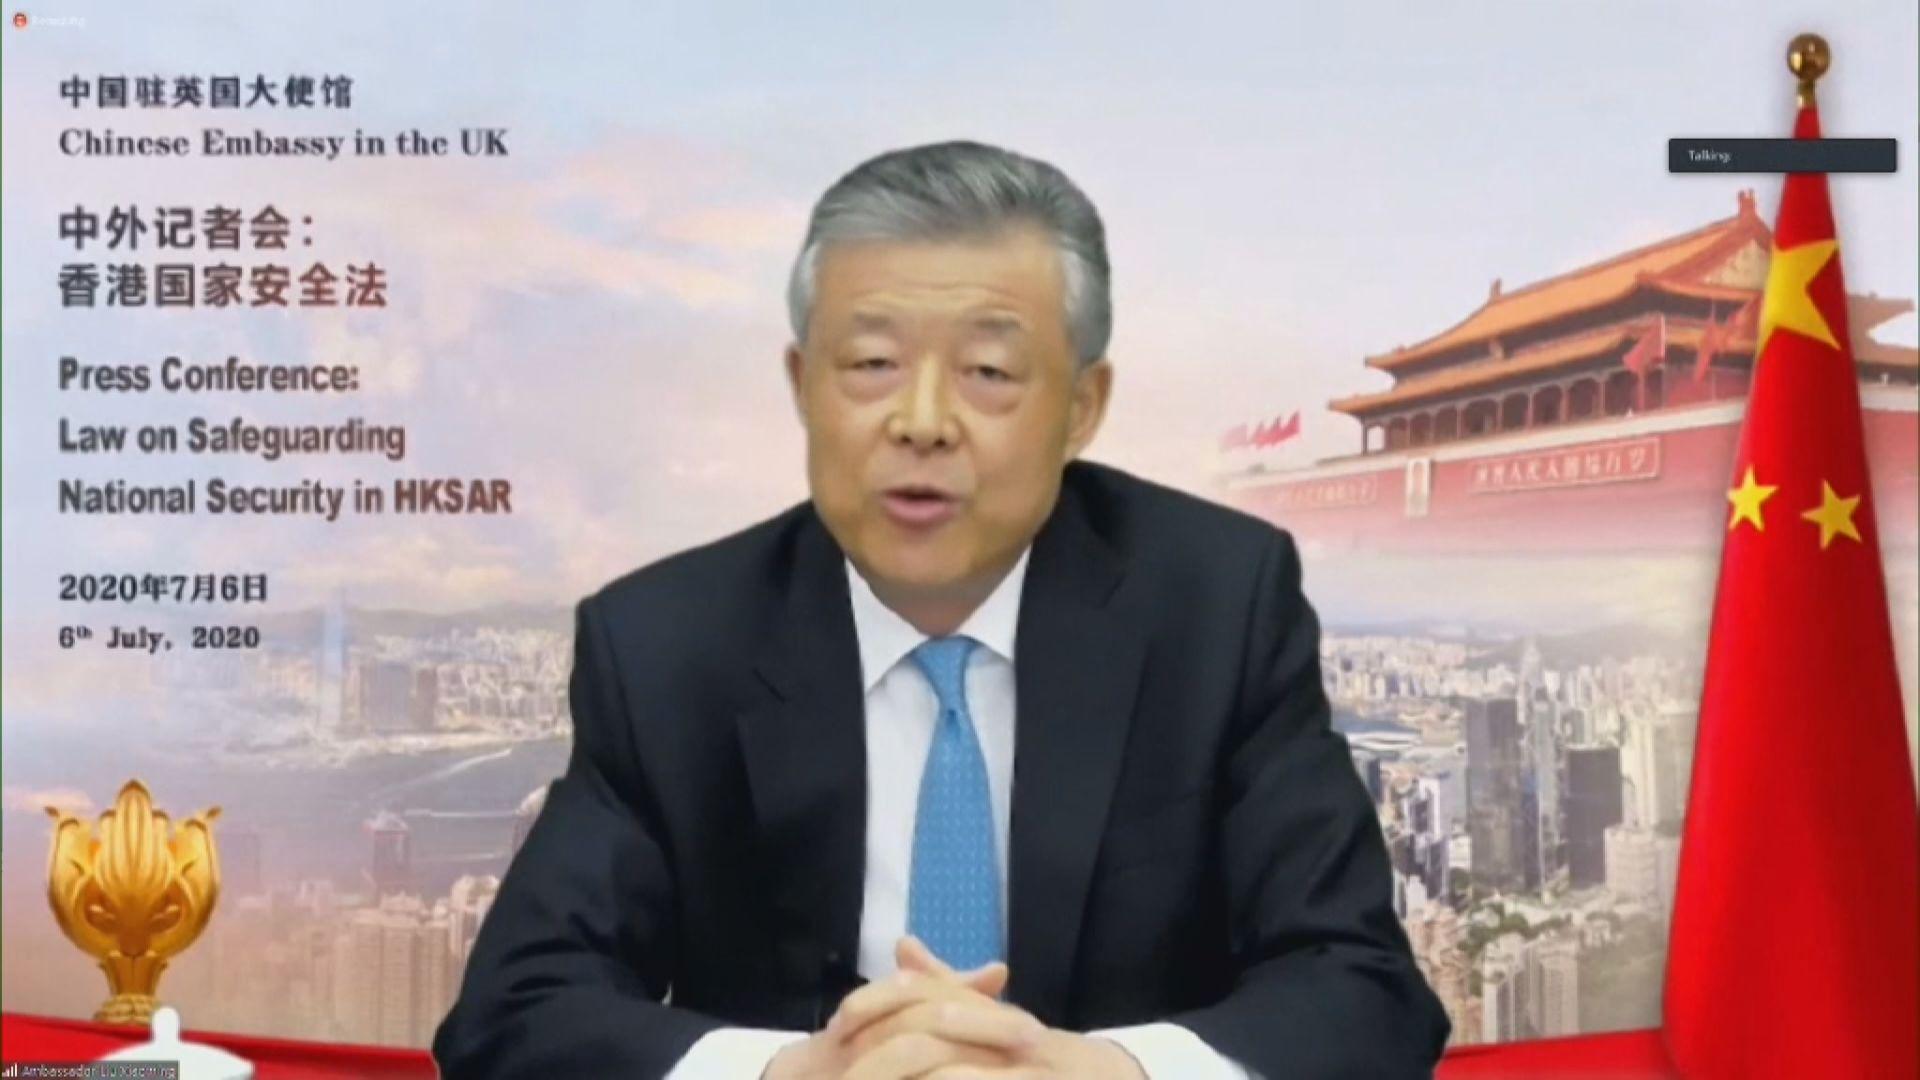 劉曉明籲歐洲國家停止干預香港事務